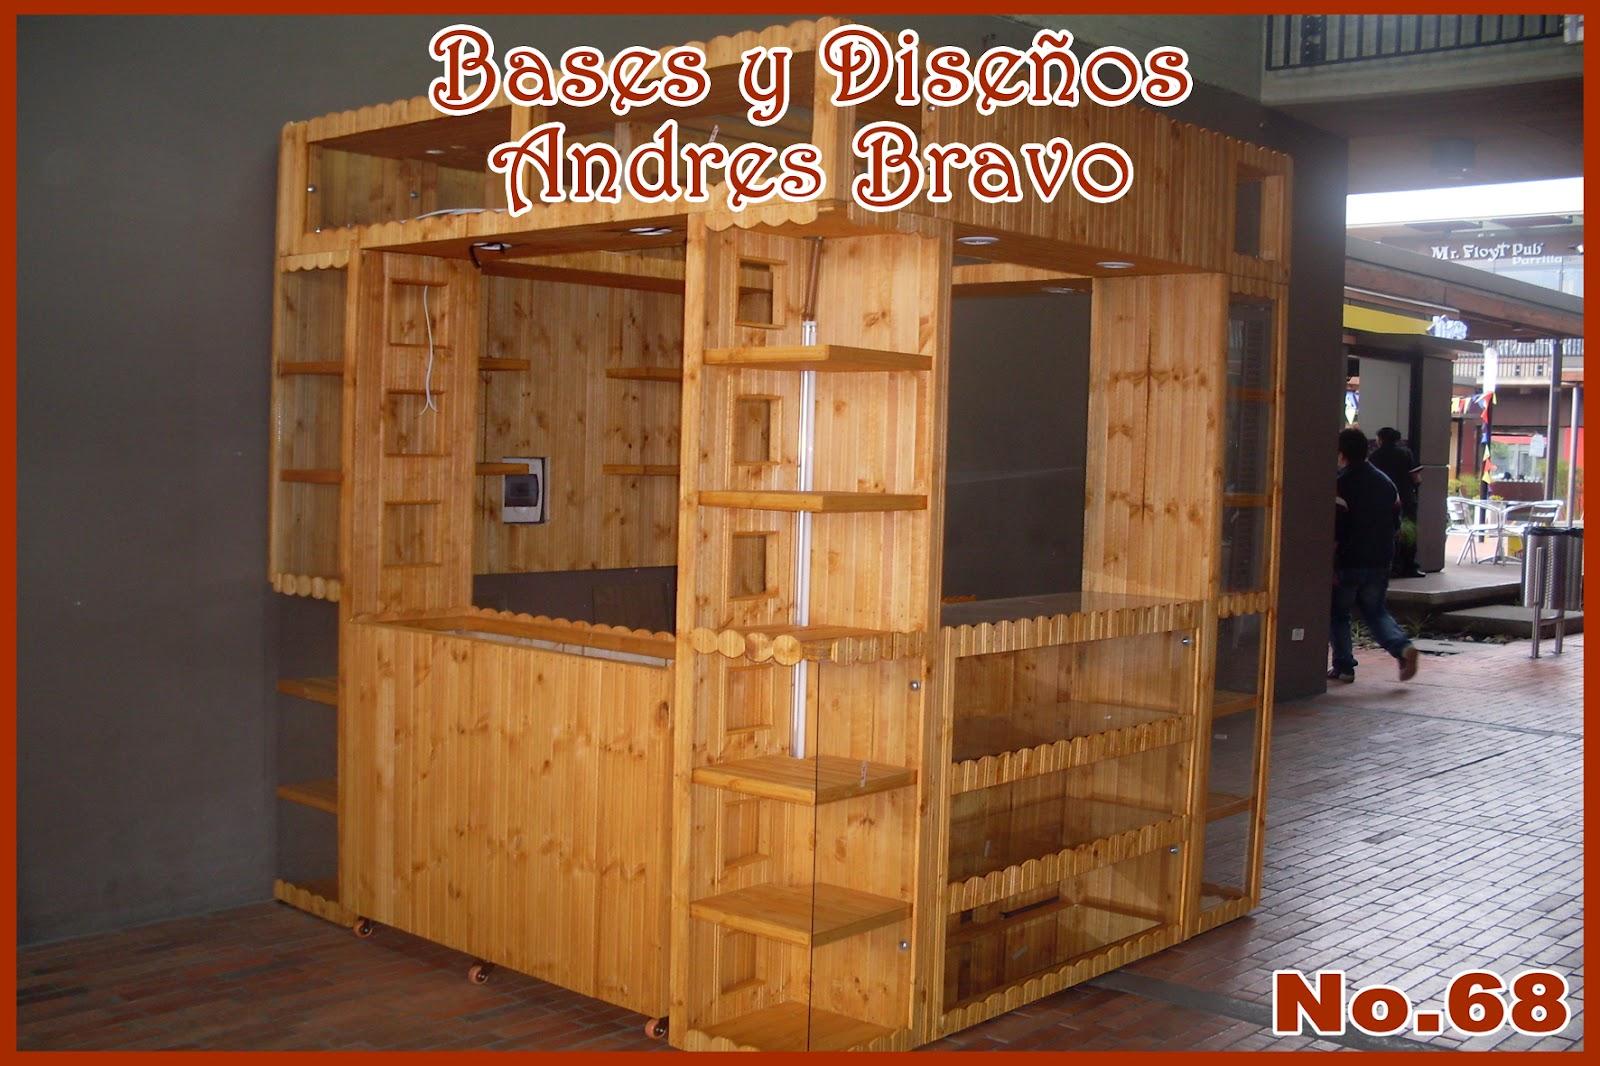 Bases y dise os andres bravo stands y o kioscos for Como hacer un kiosco de madera